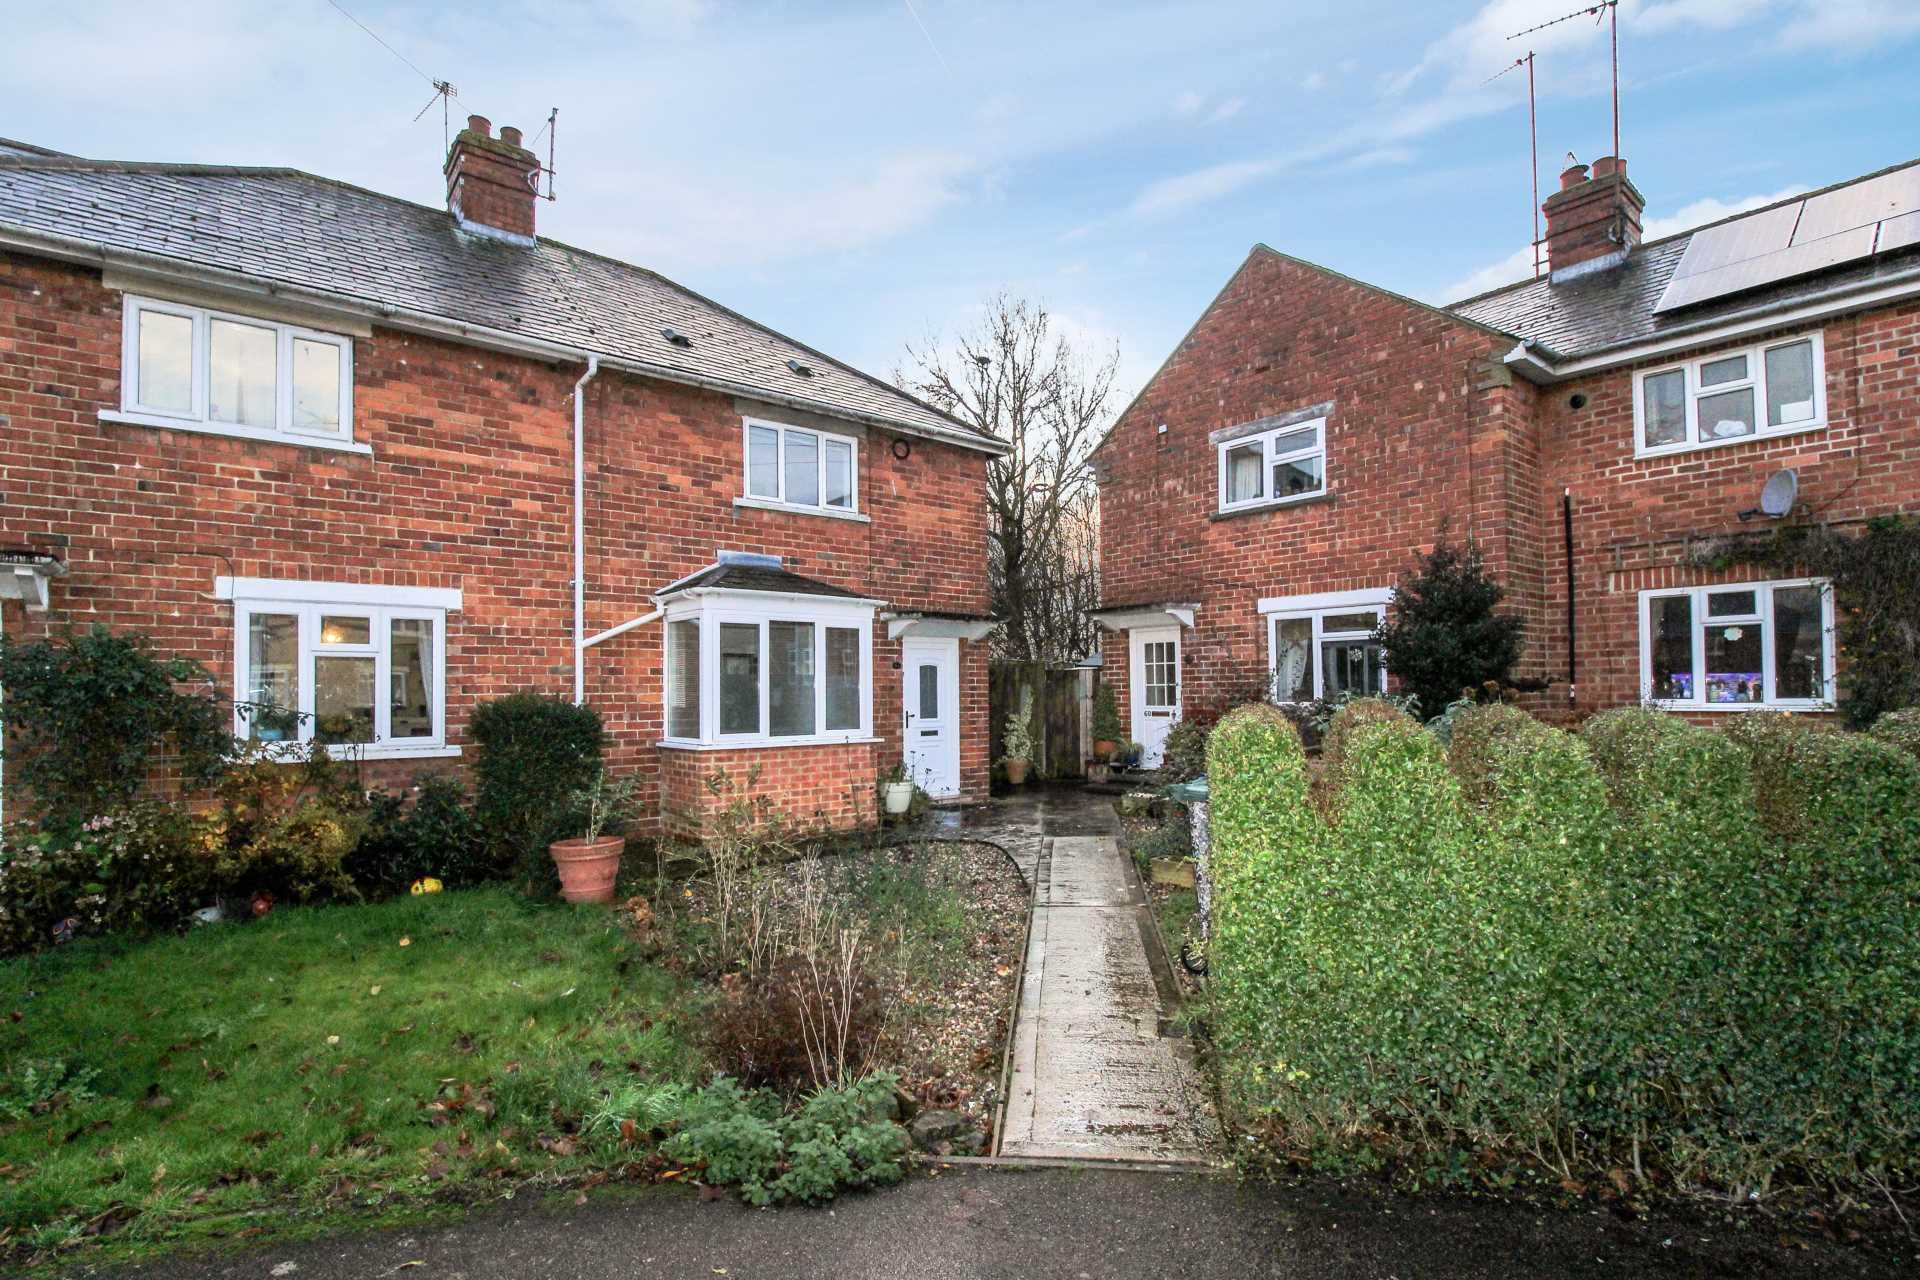 Wykham Place, Banbury, Image 1